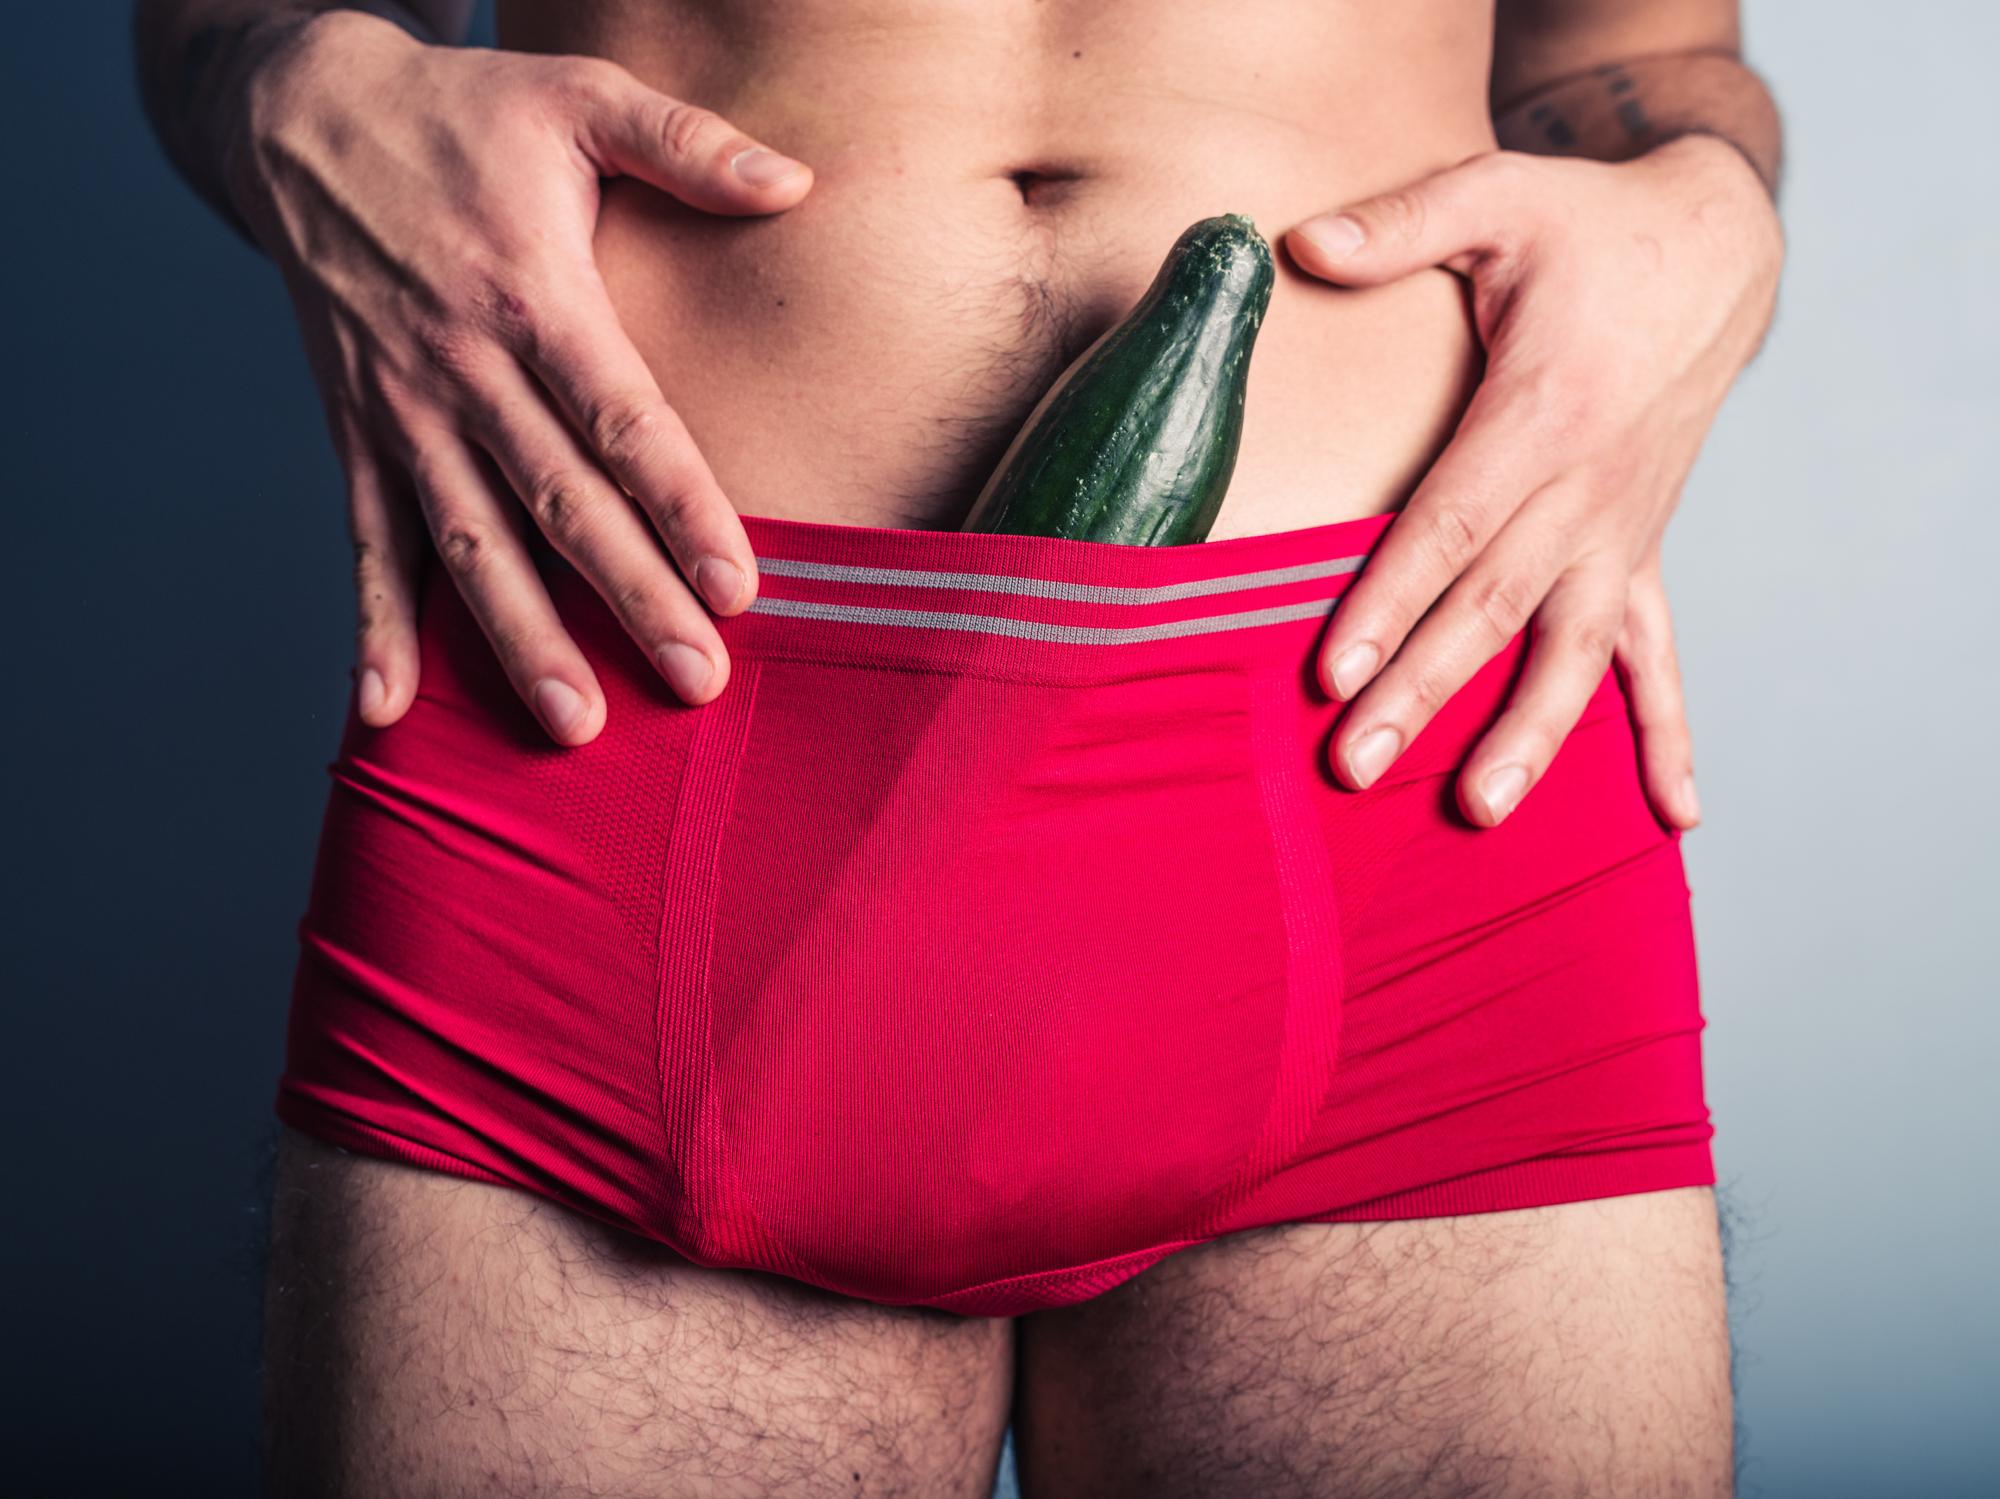 pénisz phallus pénisz kis pénisz előnyei